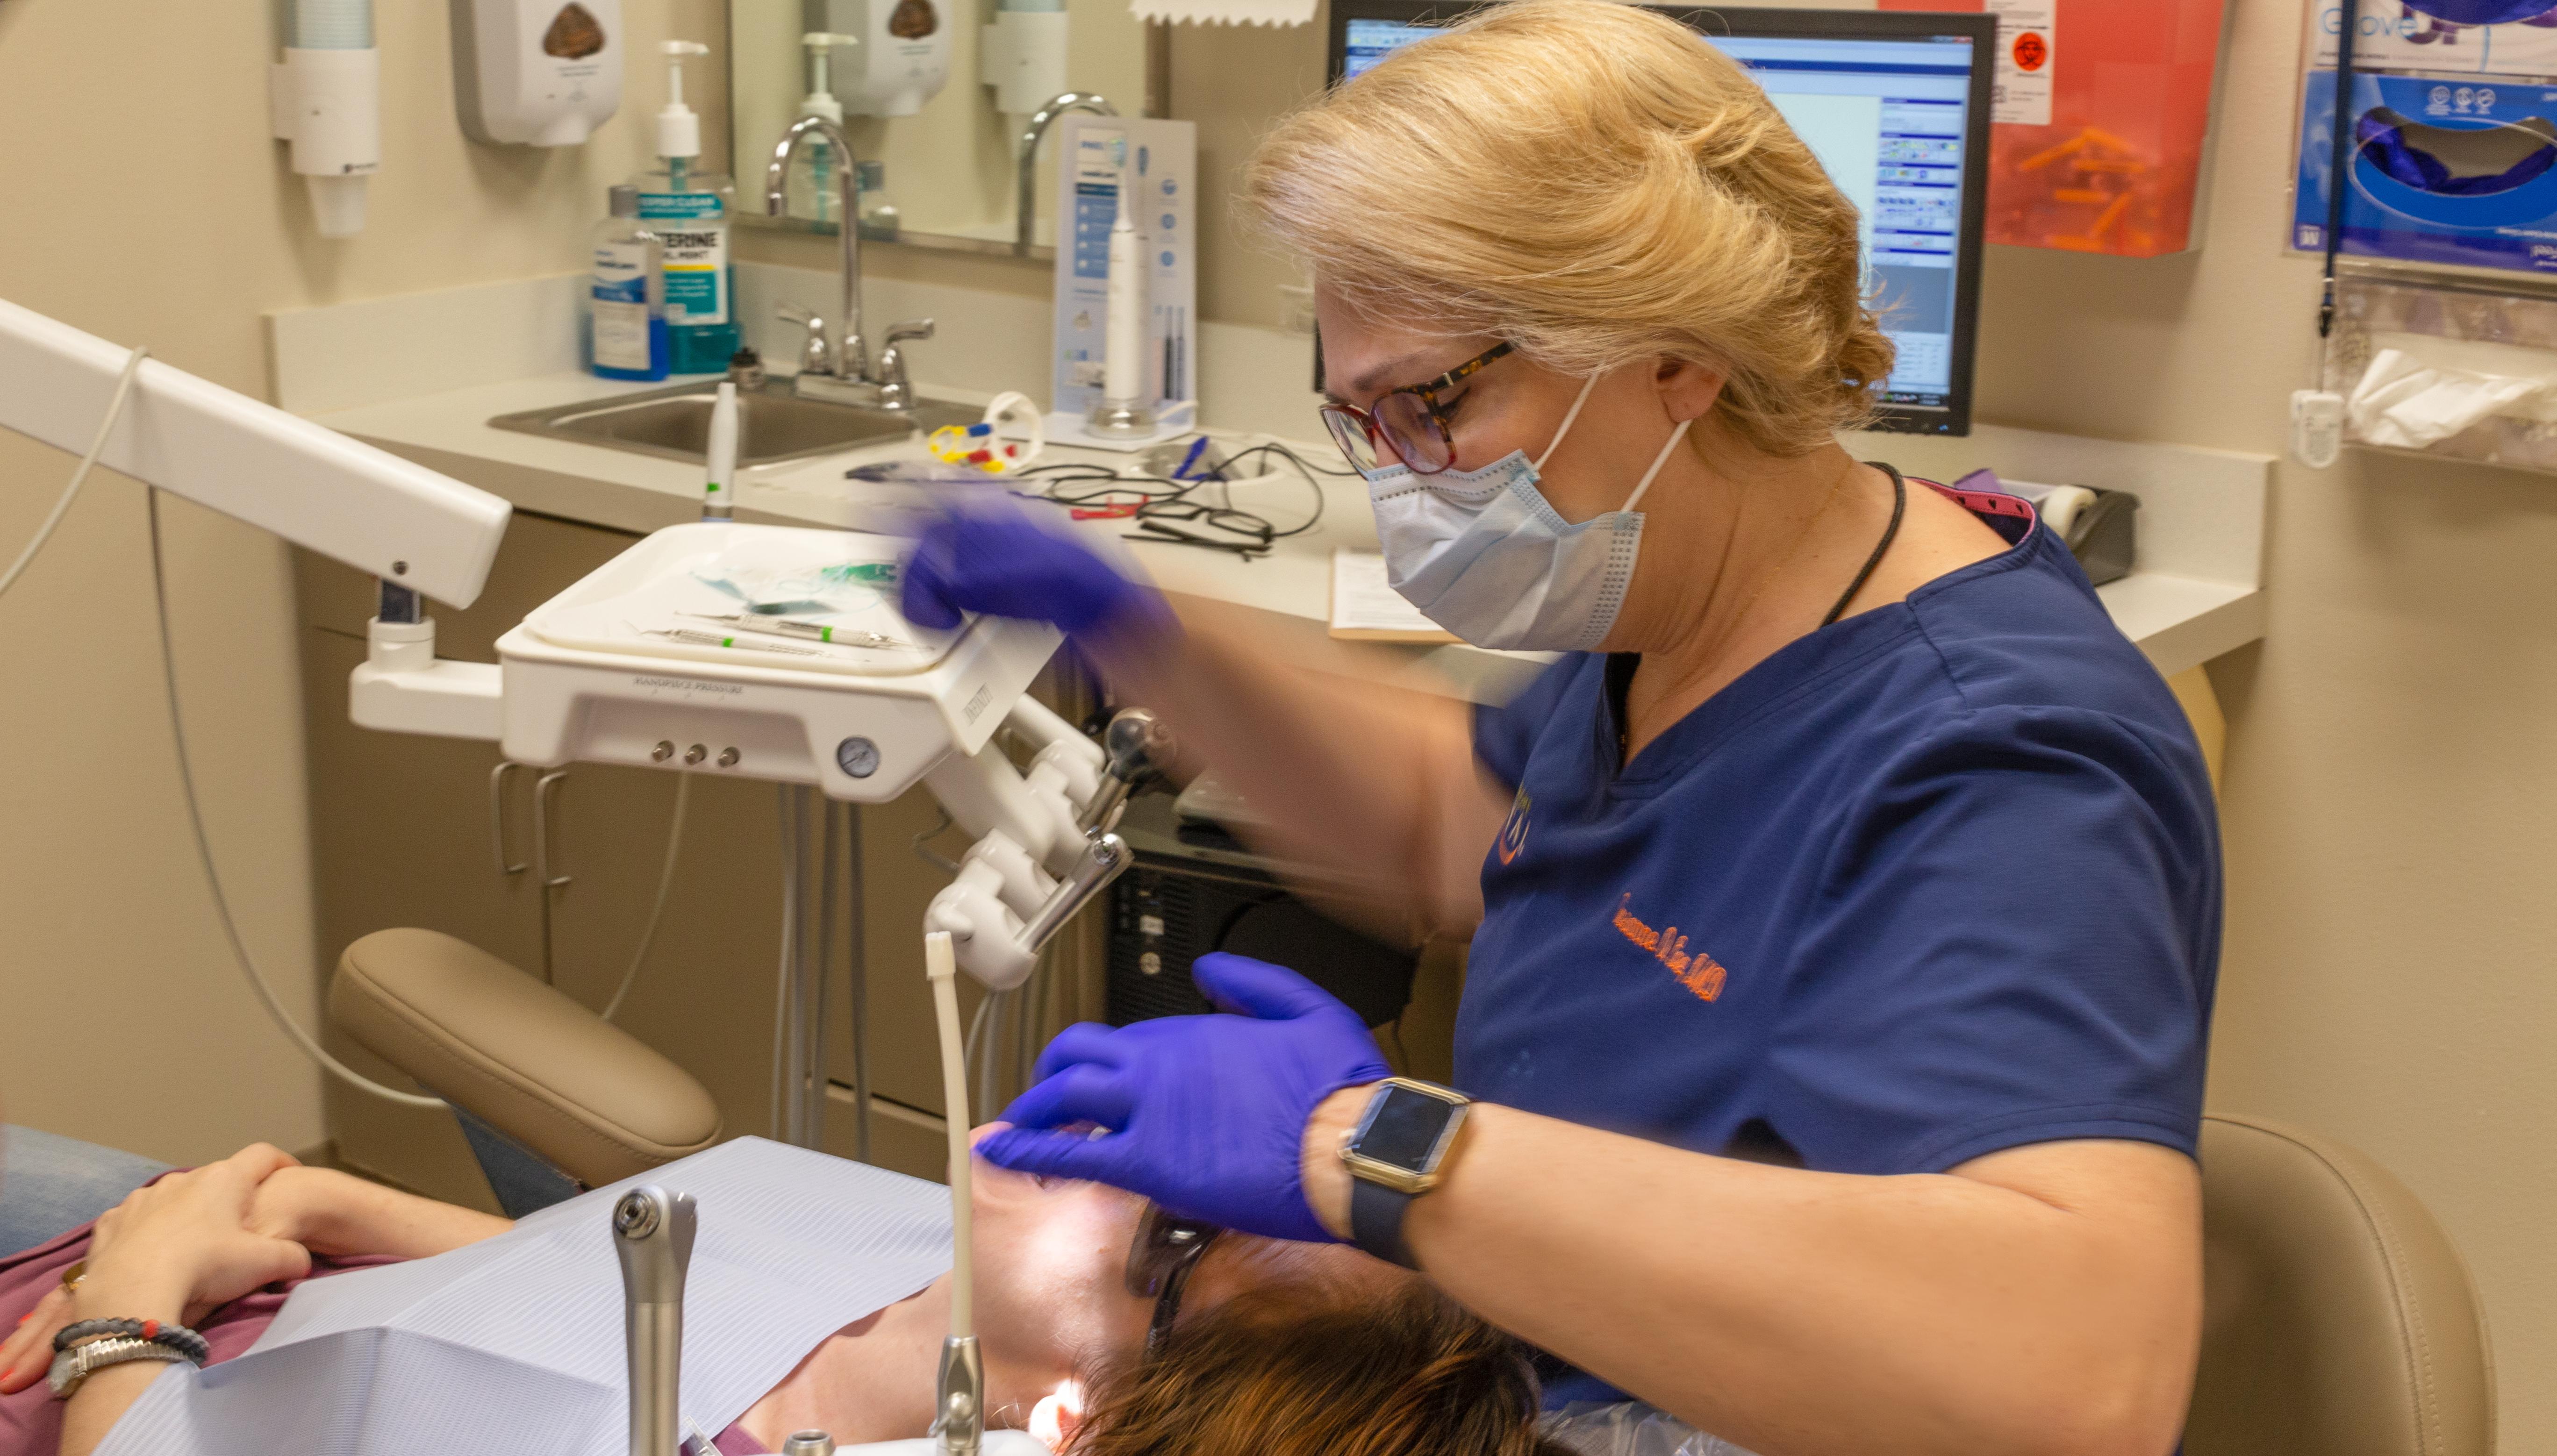 Northshore Dental Image of Dr. Core & Patient